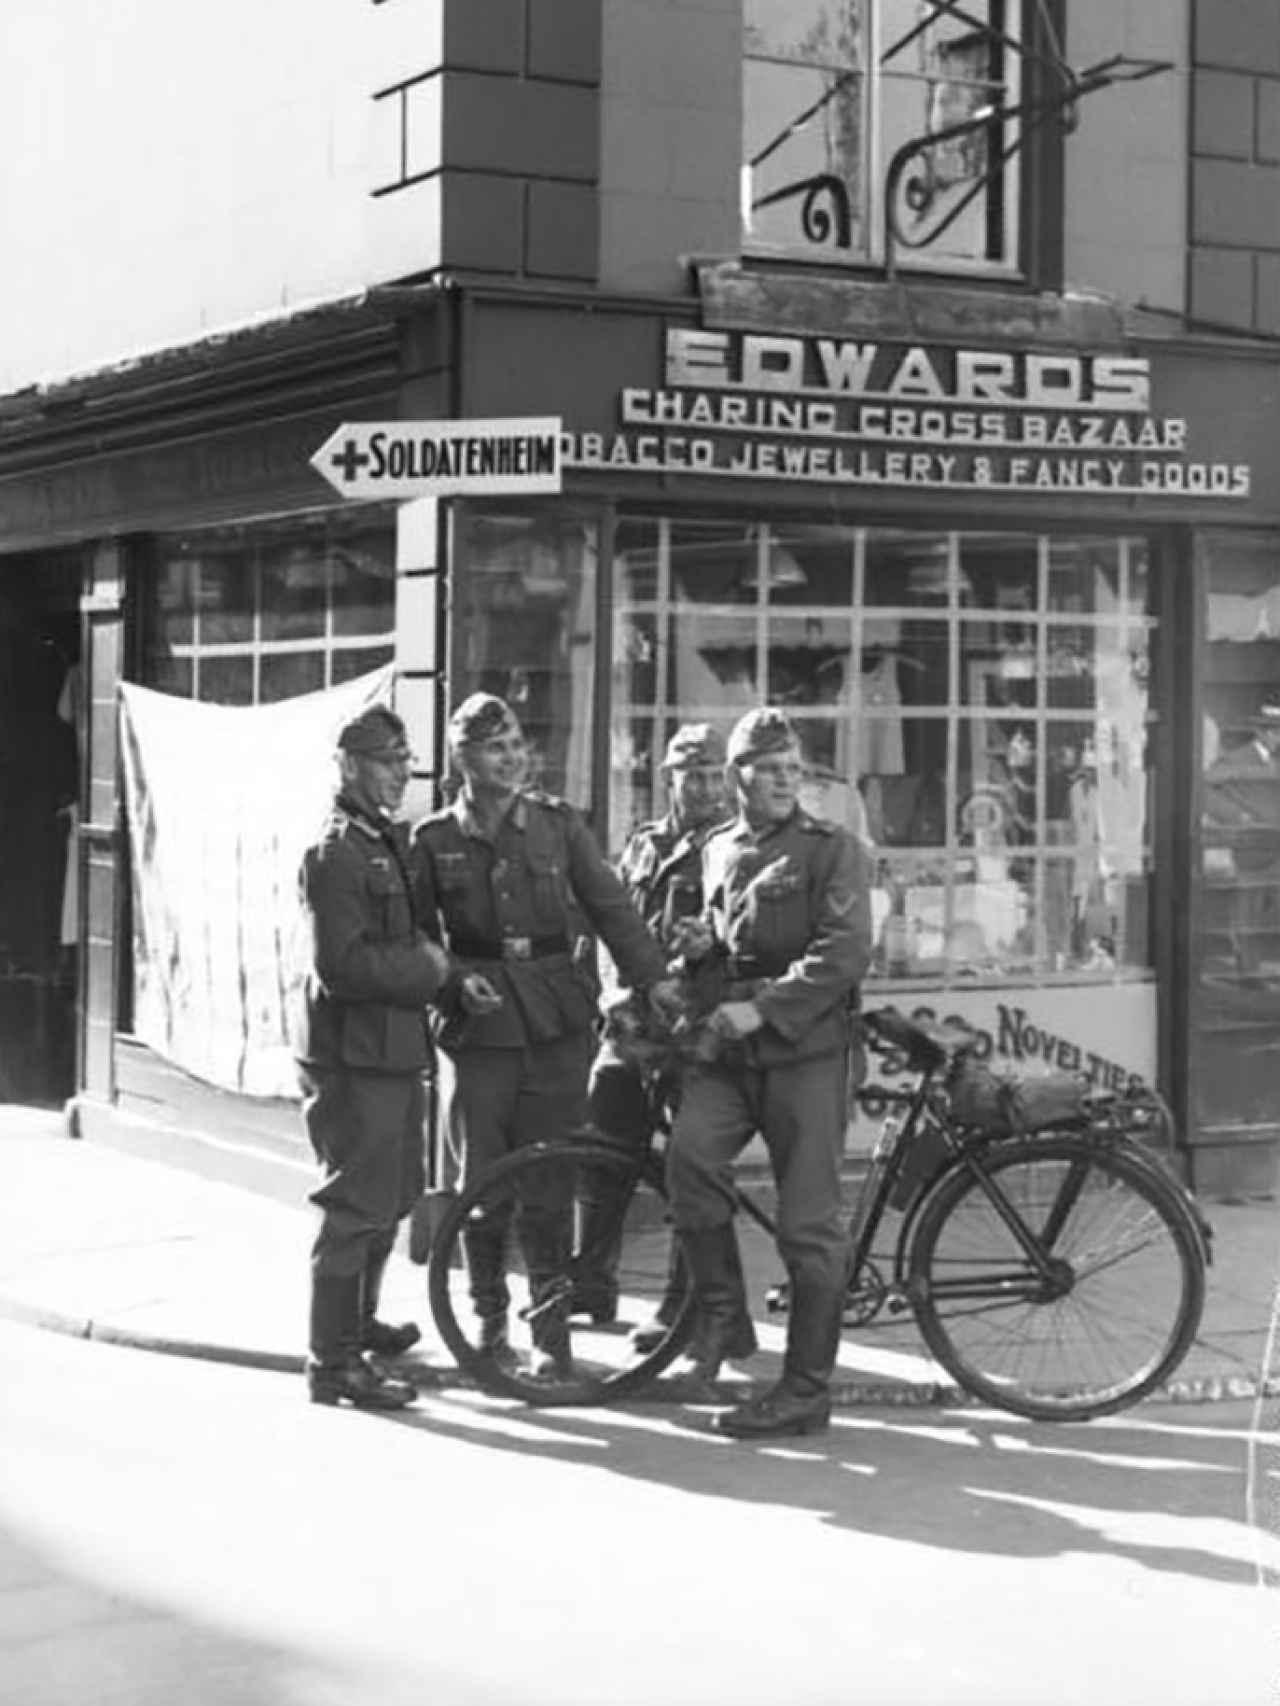 Soldados nazis en la isla de Jersey, durante la ocupación.